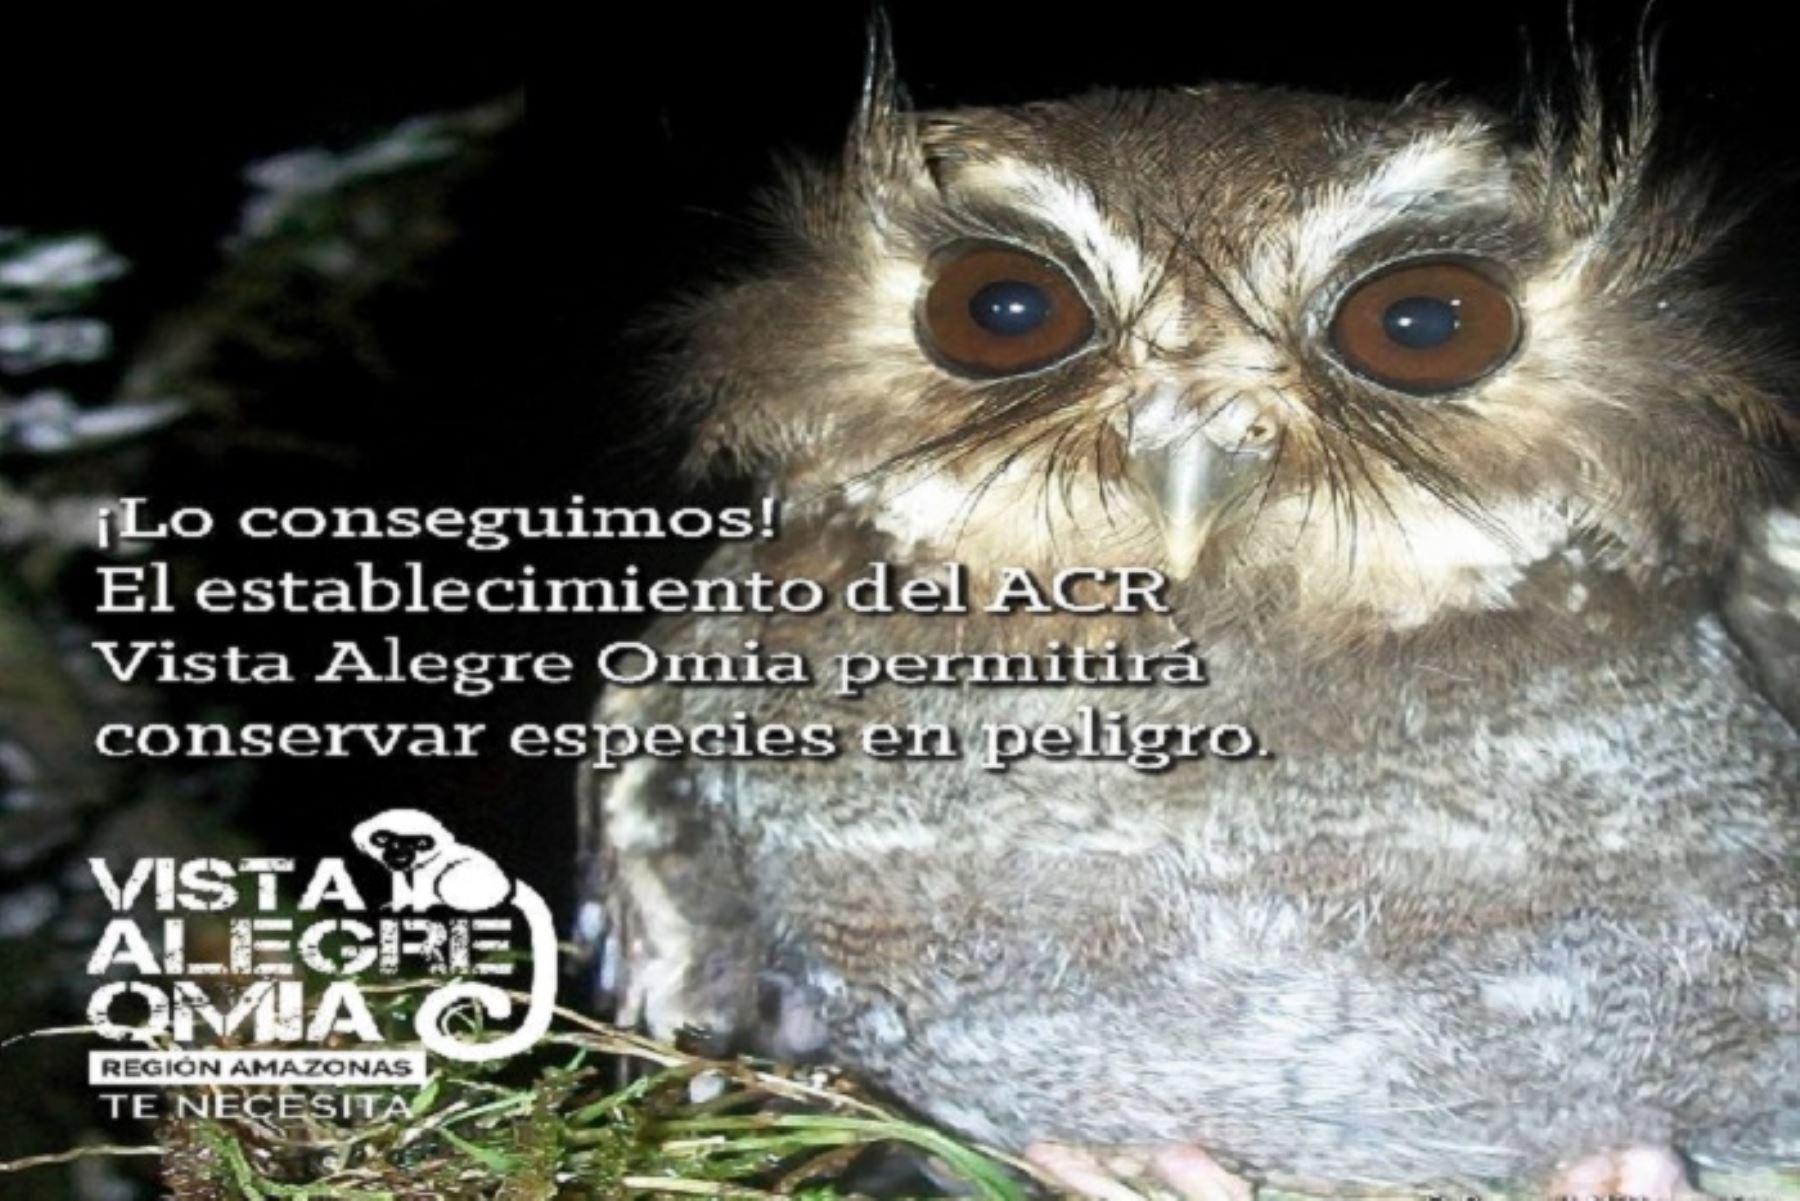 La región Amazonas ya cuenta con dos Áreas de Conservación Regional: Vista Alegre Omia y Bosques Tropicales Estacionalmente Secos del Marañón, áreas de gran importancia ambiental en las que se conservan especies únicas en el mundo y servicios ecosistémicos en beneficio de la población de seis distritos y tres provincias.